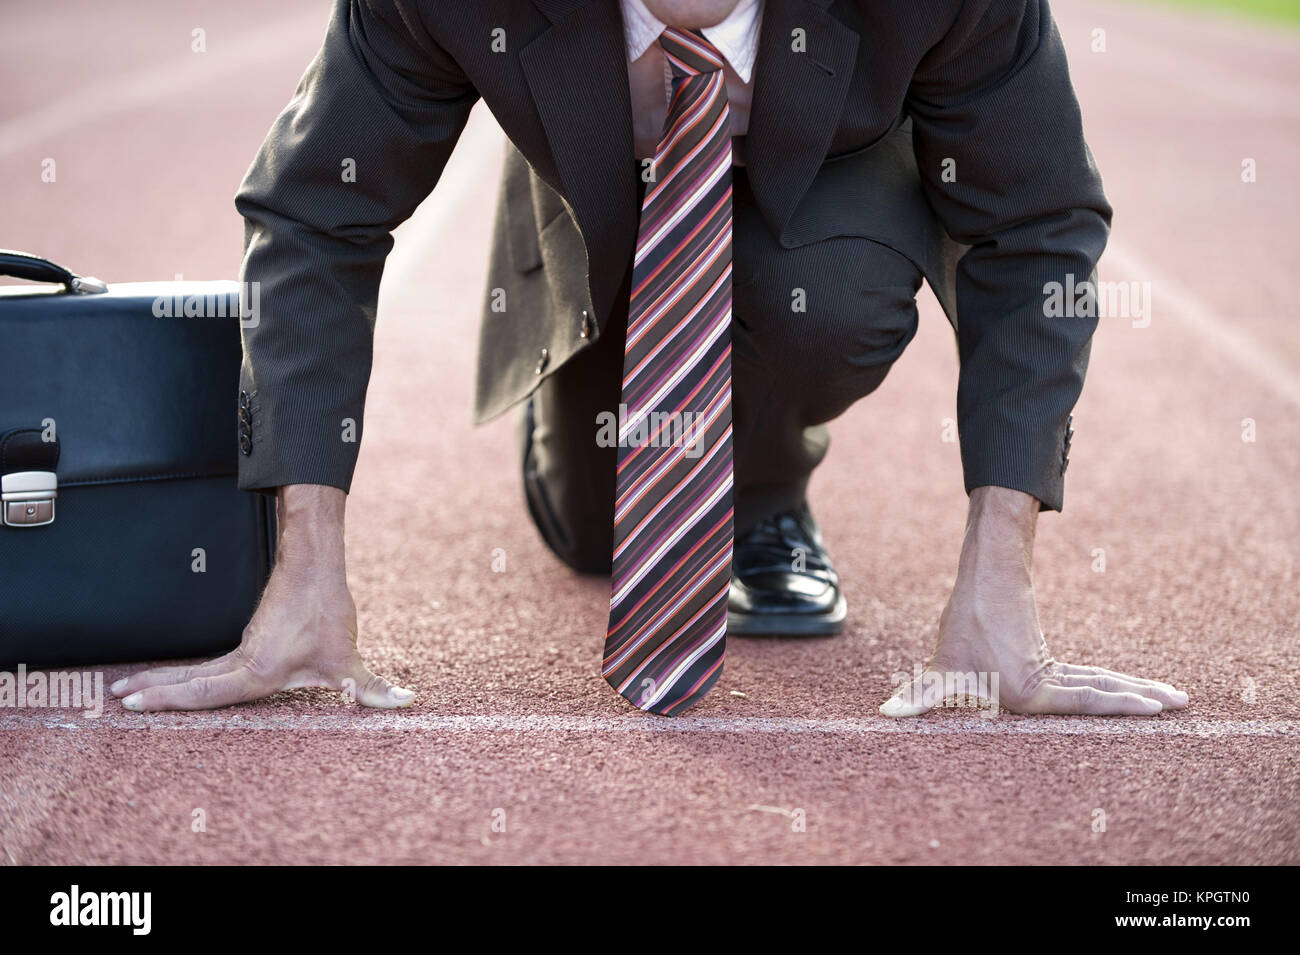 Model released , Gesch‰ftsmann an der Startlinie auf einer Laufbahn - businessman on strating line - Stock Image